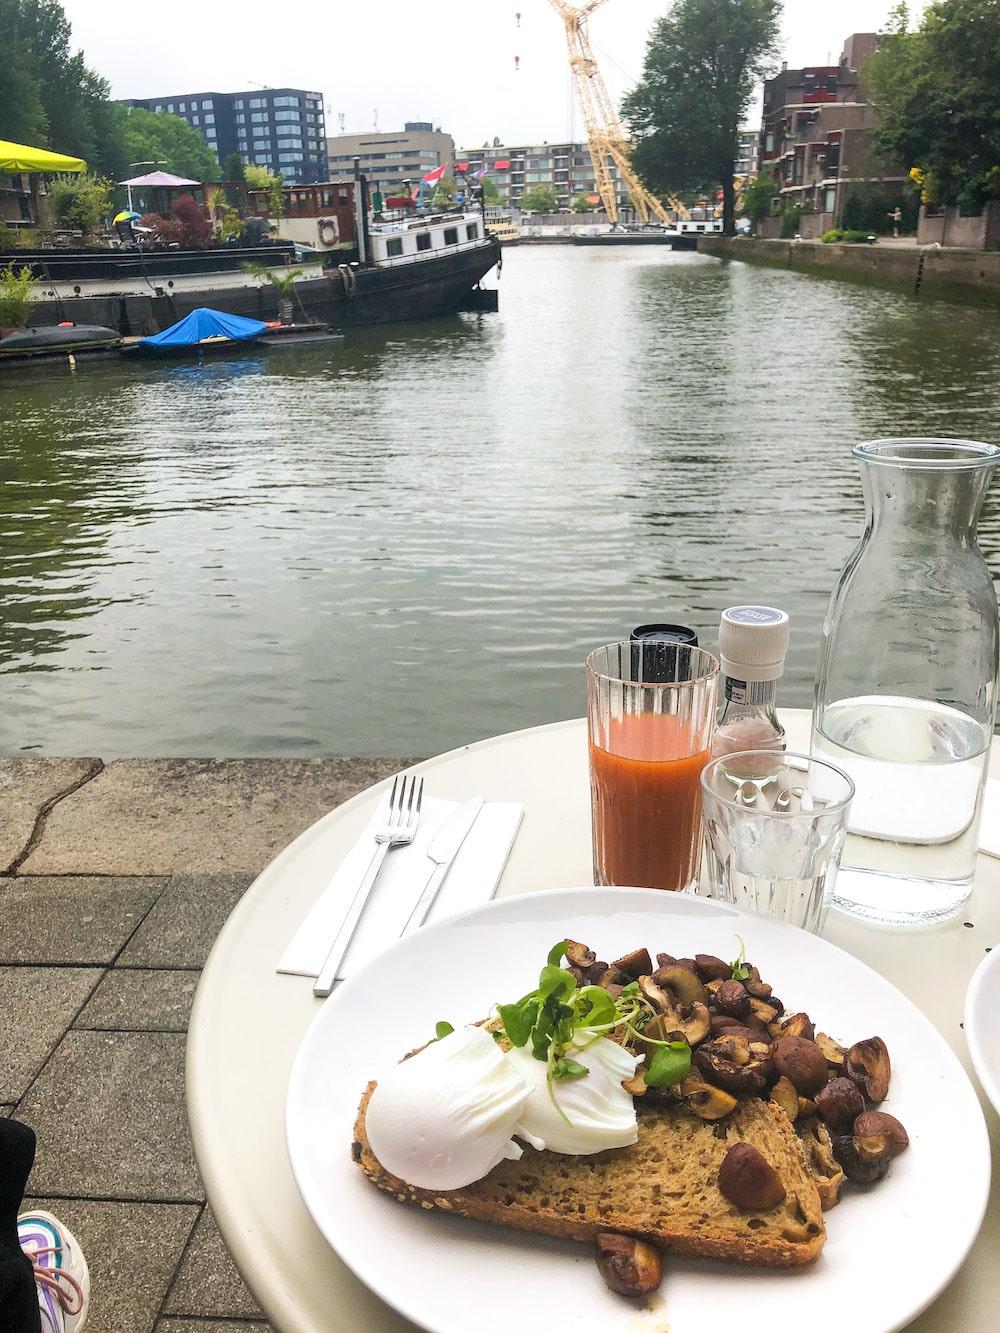 Bij Harvest Coffee Brewers kun je ontbijten, brunchen of lunchen met een prachtig uitzicht over een klein haventje in Rotterdam. Het terrasje is klein, dus er is niet altijd plek, maar binnen zit je ook hartstikke gezellig.